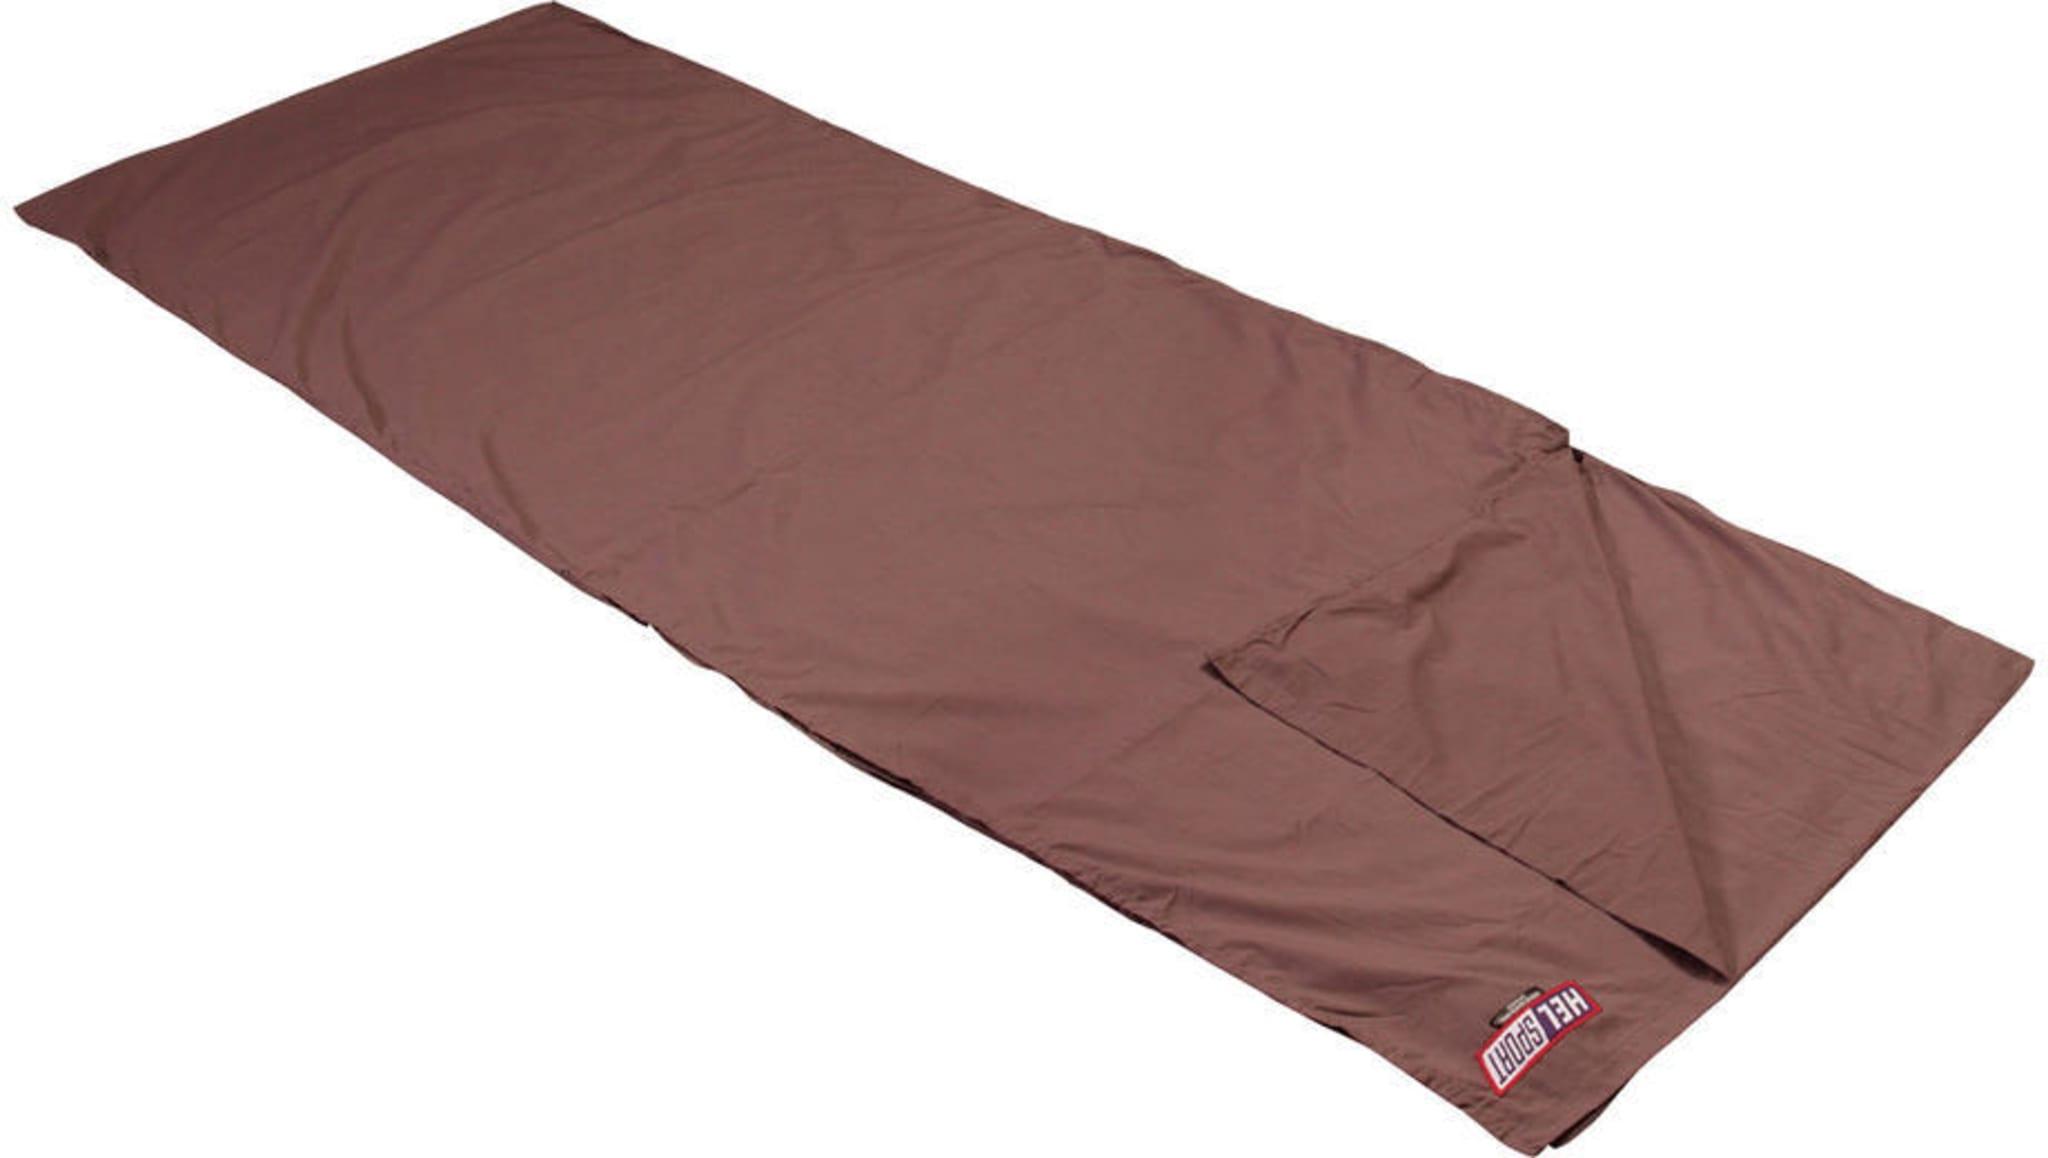 Øker komforttemraturen i soveposen med ca. 4°C.